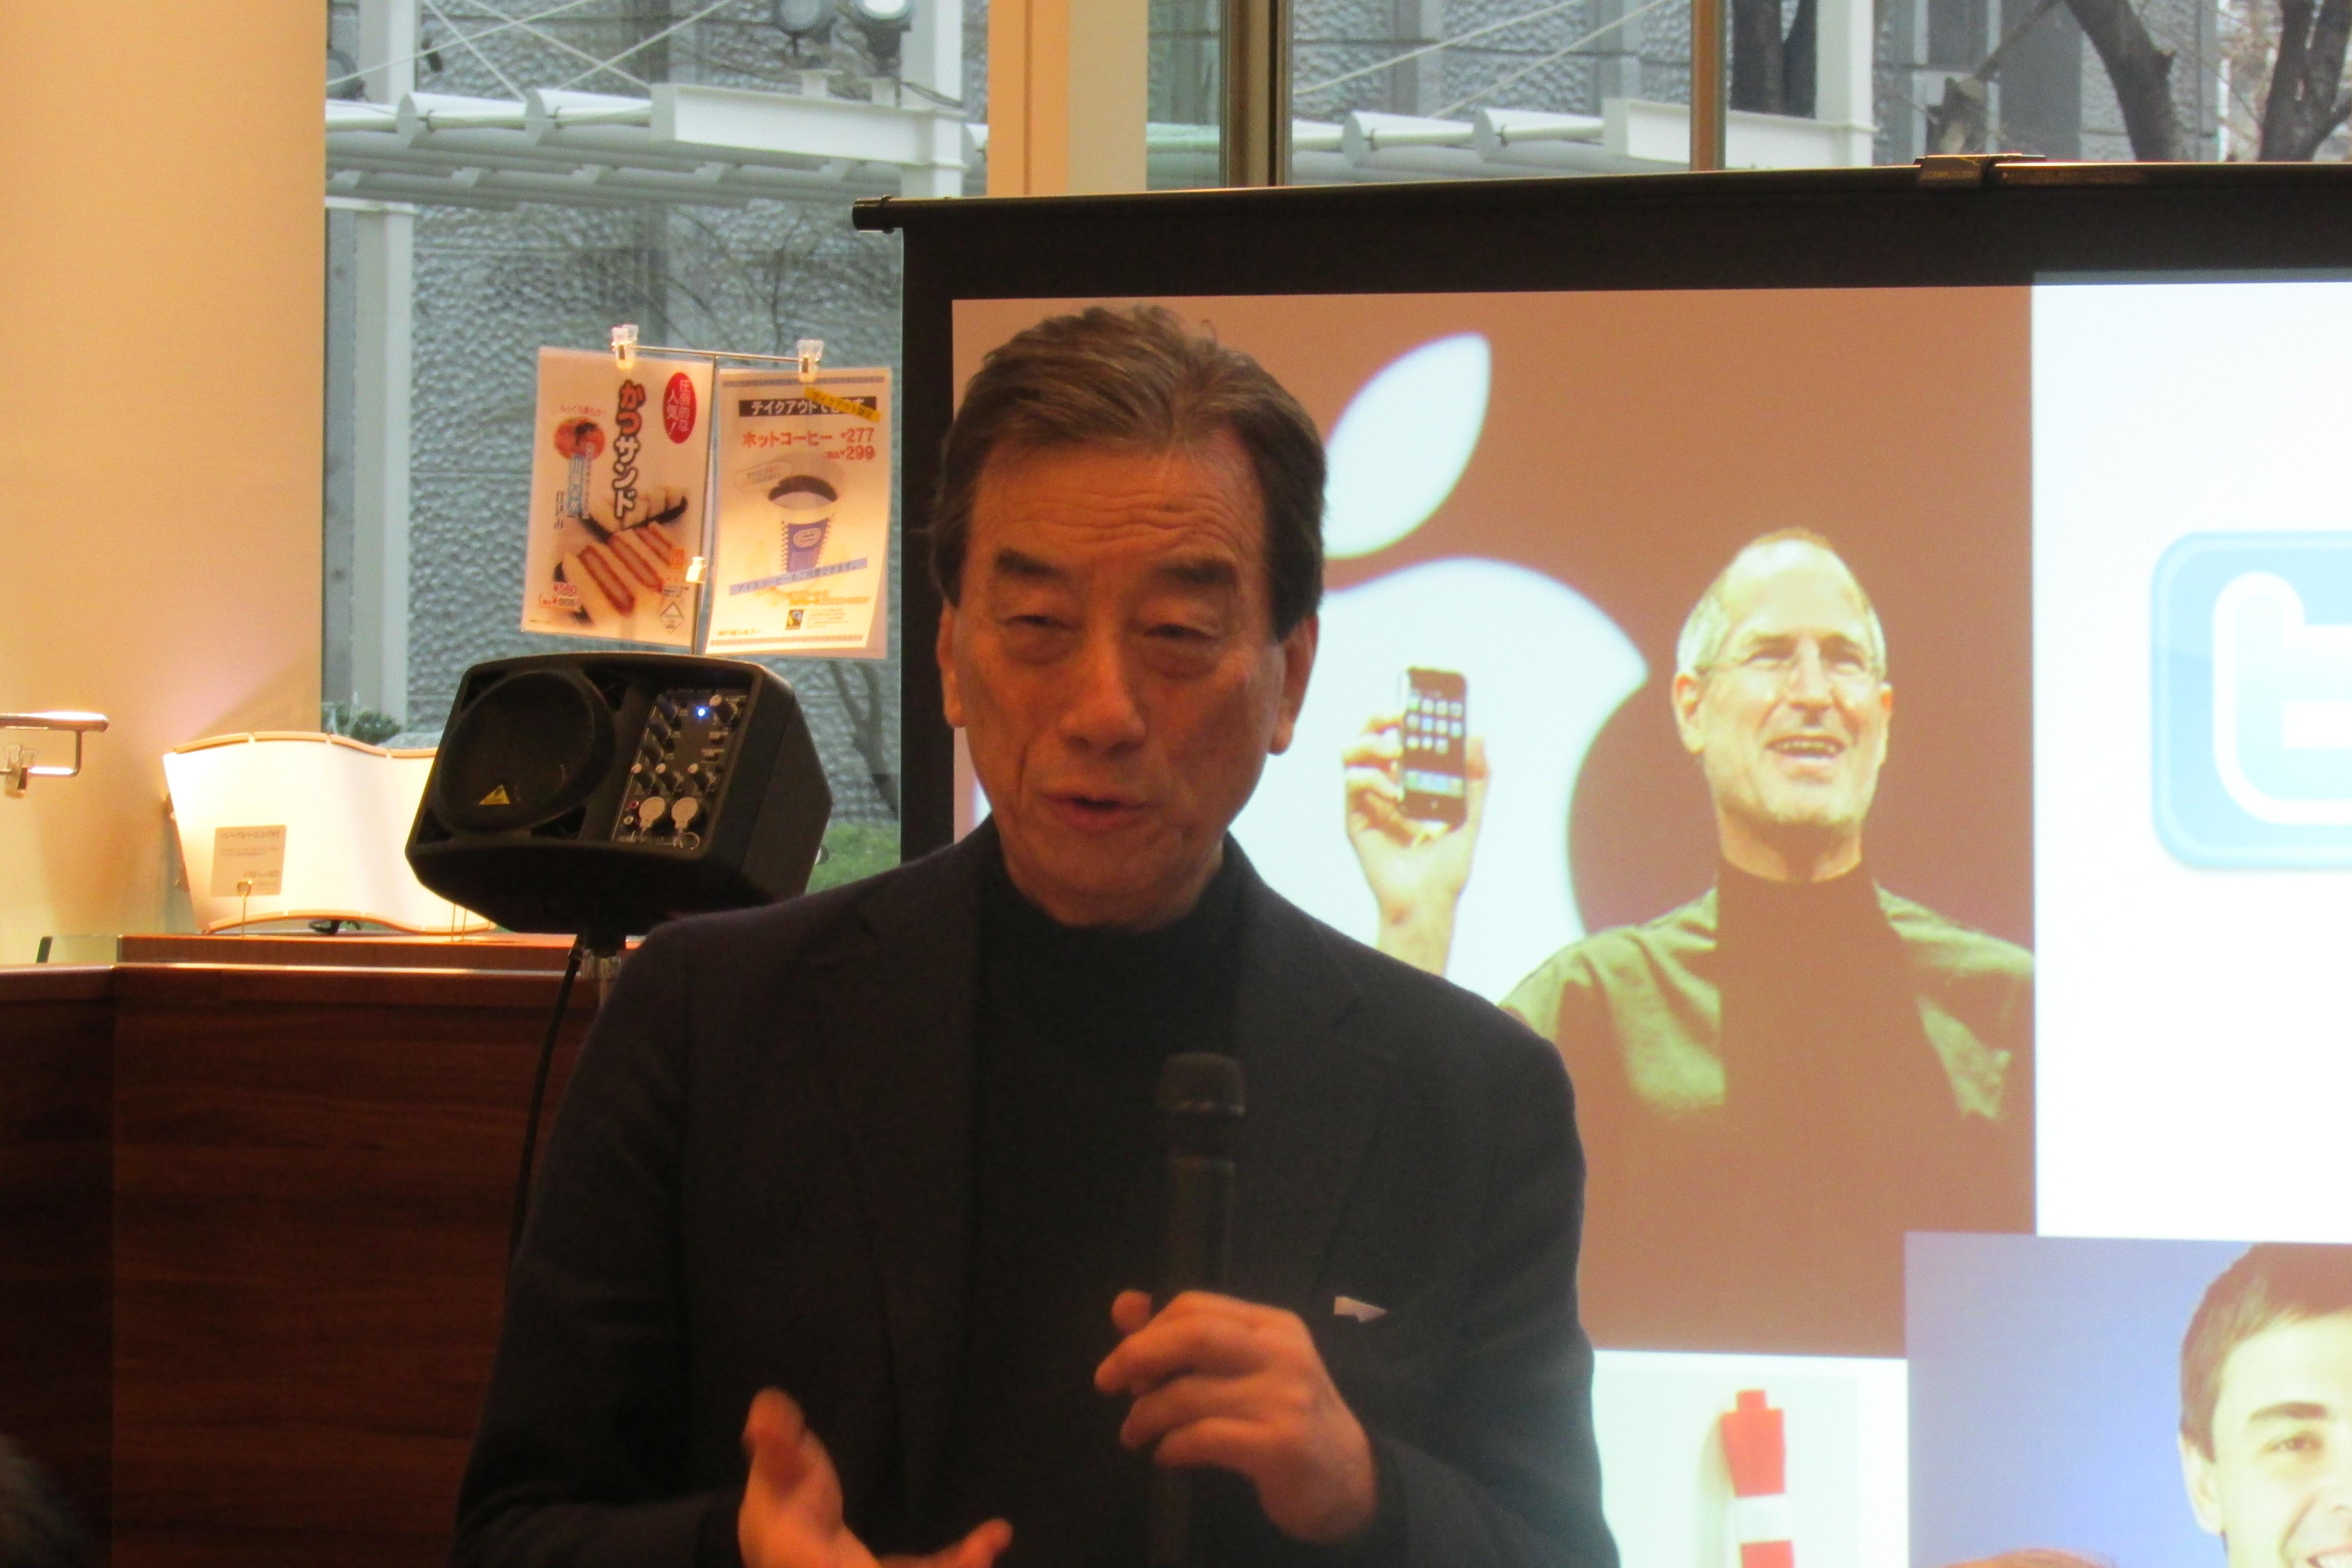 [Event Report] The 51st Breakfast Meeting – New Year Speech by Dr Kiyoshi Kurokawa